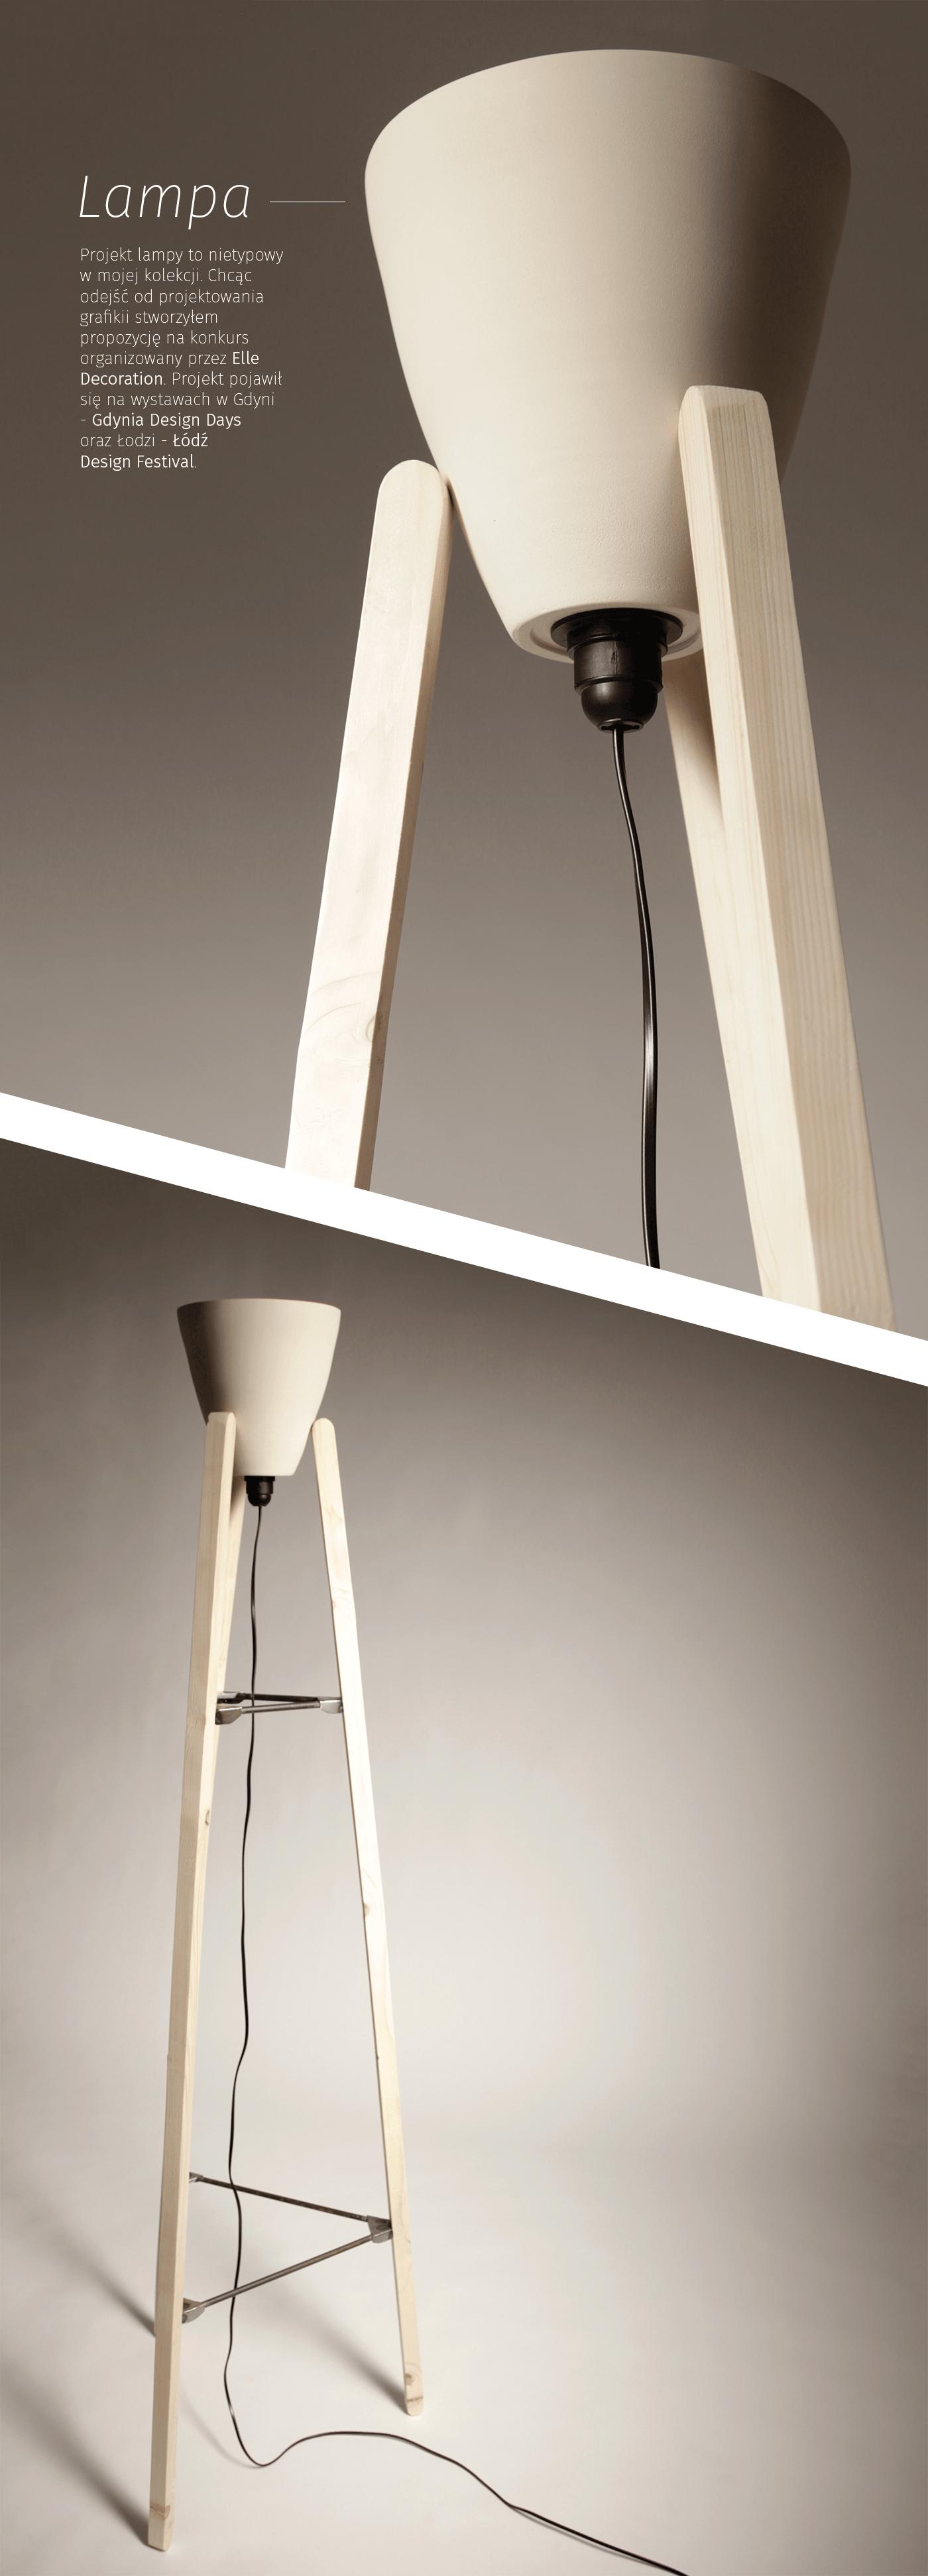 次だBehance プロジェクトを見る 「Lampa」